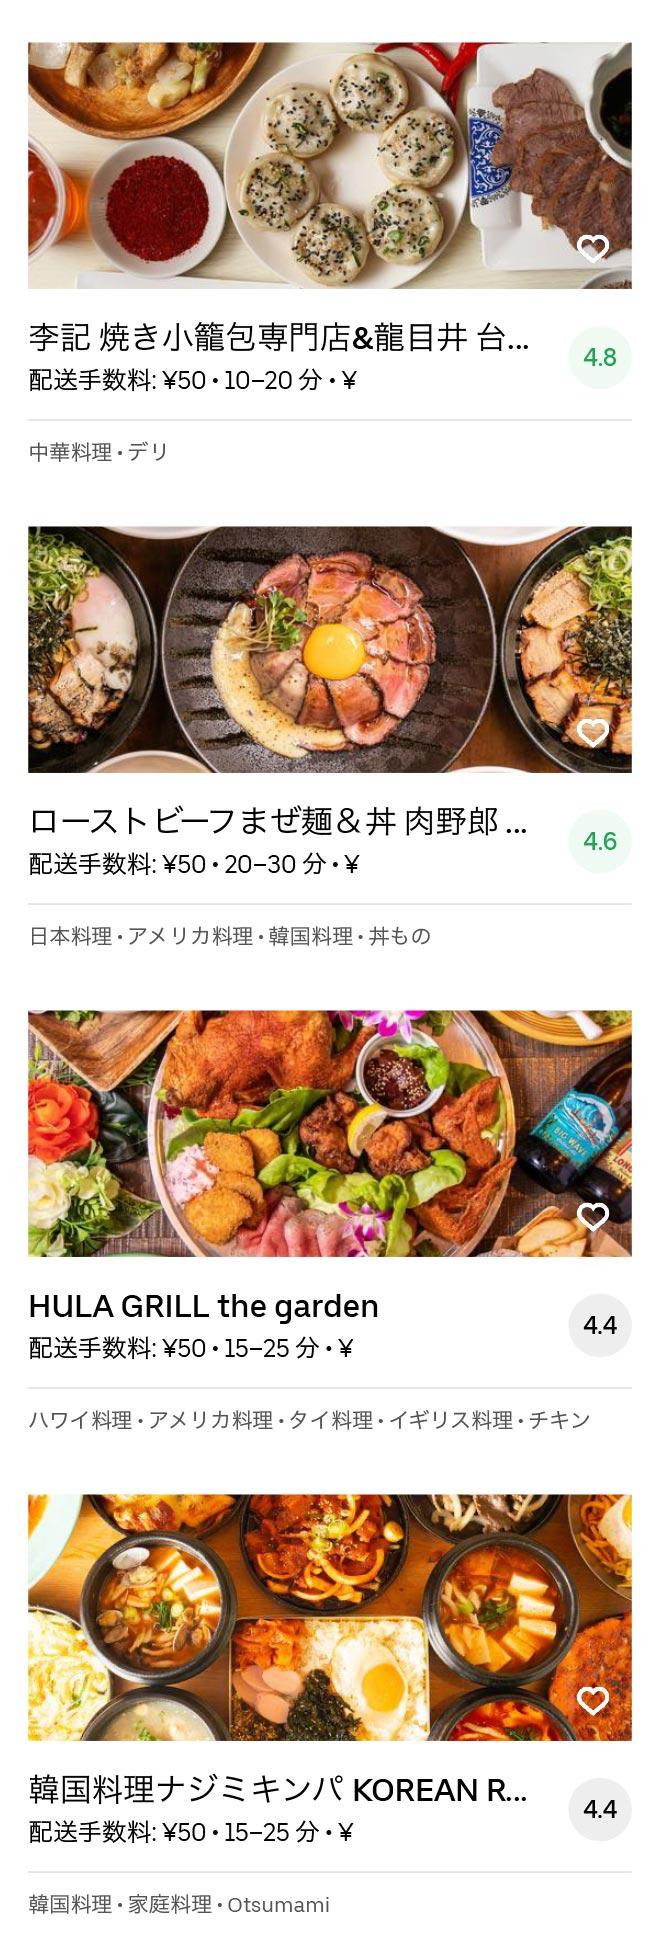 Osaka nanba menu 2005 10